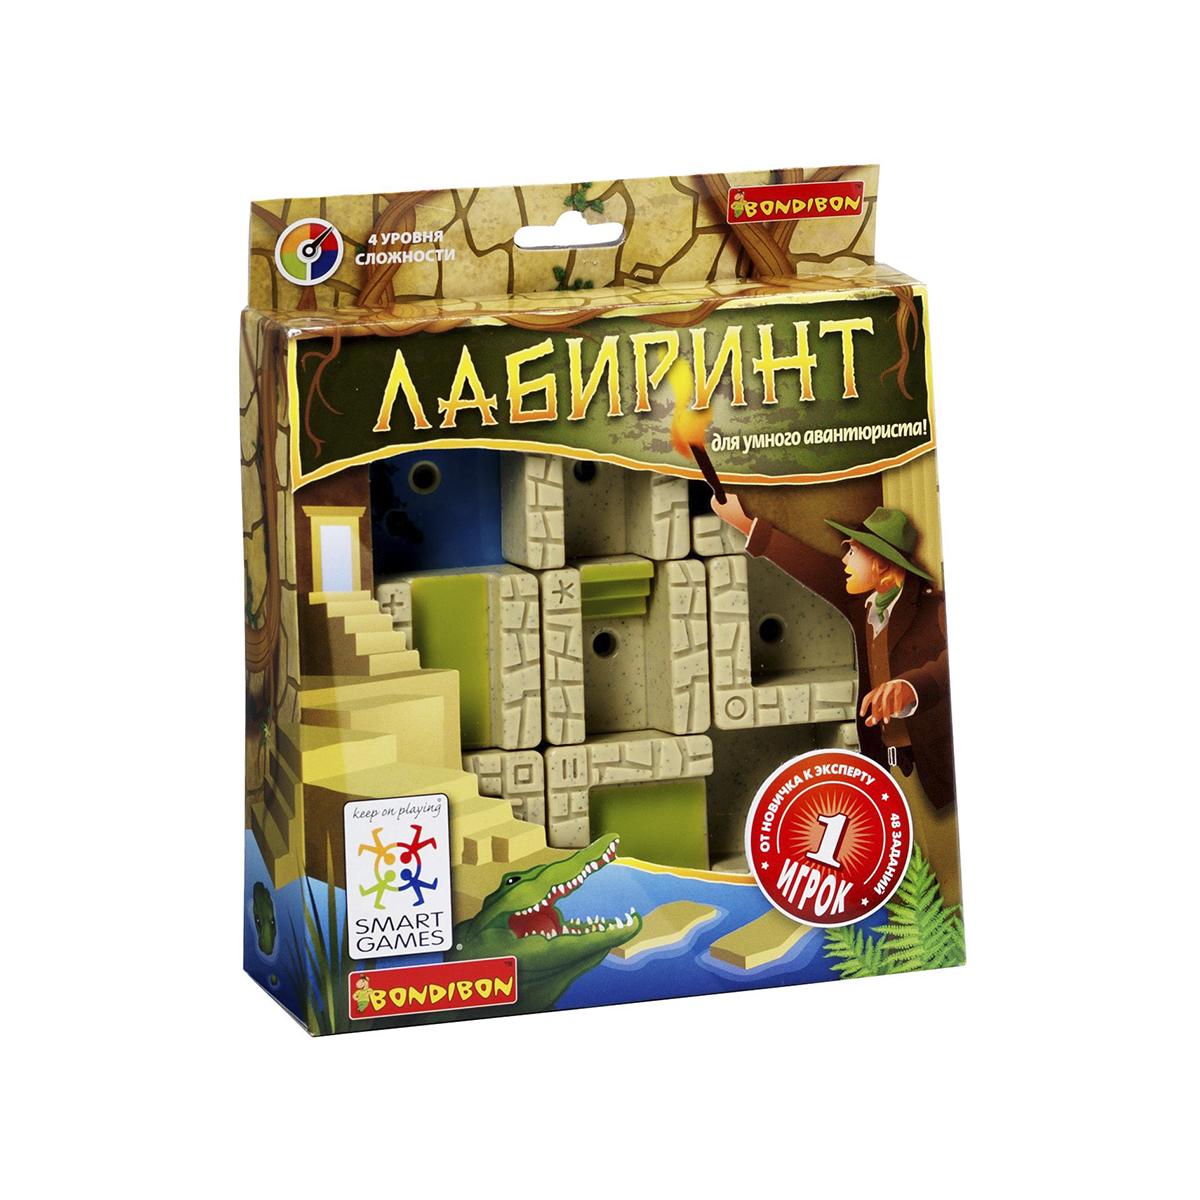 Логическая игра Bondibon SmartGames ЛабиринтВВ0897В таинственном египетском лабиринте стены двигаются сами. Куда приведут запутанные пути: к спасительному выходу или в тупик? Один неправильный шаг - и можно стать обедом для голодного крокодила. Что поможет выбраться - интуиция или логический расчет? Логическая игра Bondibon SmartGames Лабиринт - игра для упорных и сообразительных. Игра содержит 48 заданий 5 уровней сложности. Несмотря на то, что все логические задачи уже с ответами, не торопитесь узнавать решение, попробуйте найти его сами! В комплект входят: буклет с 48 заданиями с ответами, 8 деталей со стенами, пешка, игровая доска с отделением для хранения деталей. С помощью игры можно развить логическое мышление и познавательные способности, социальное развитие, концентрацию внимания, тренировку памяти, фантазию и мелкую моторику.